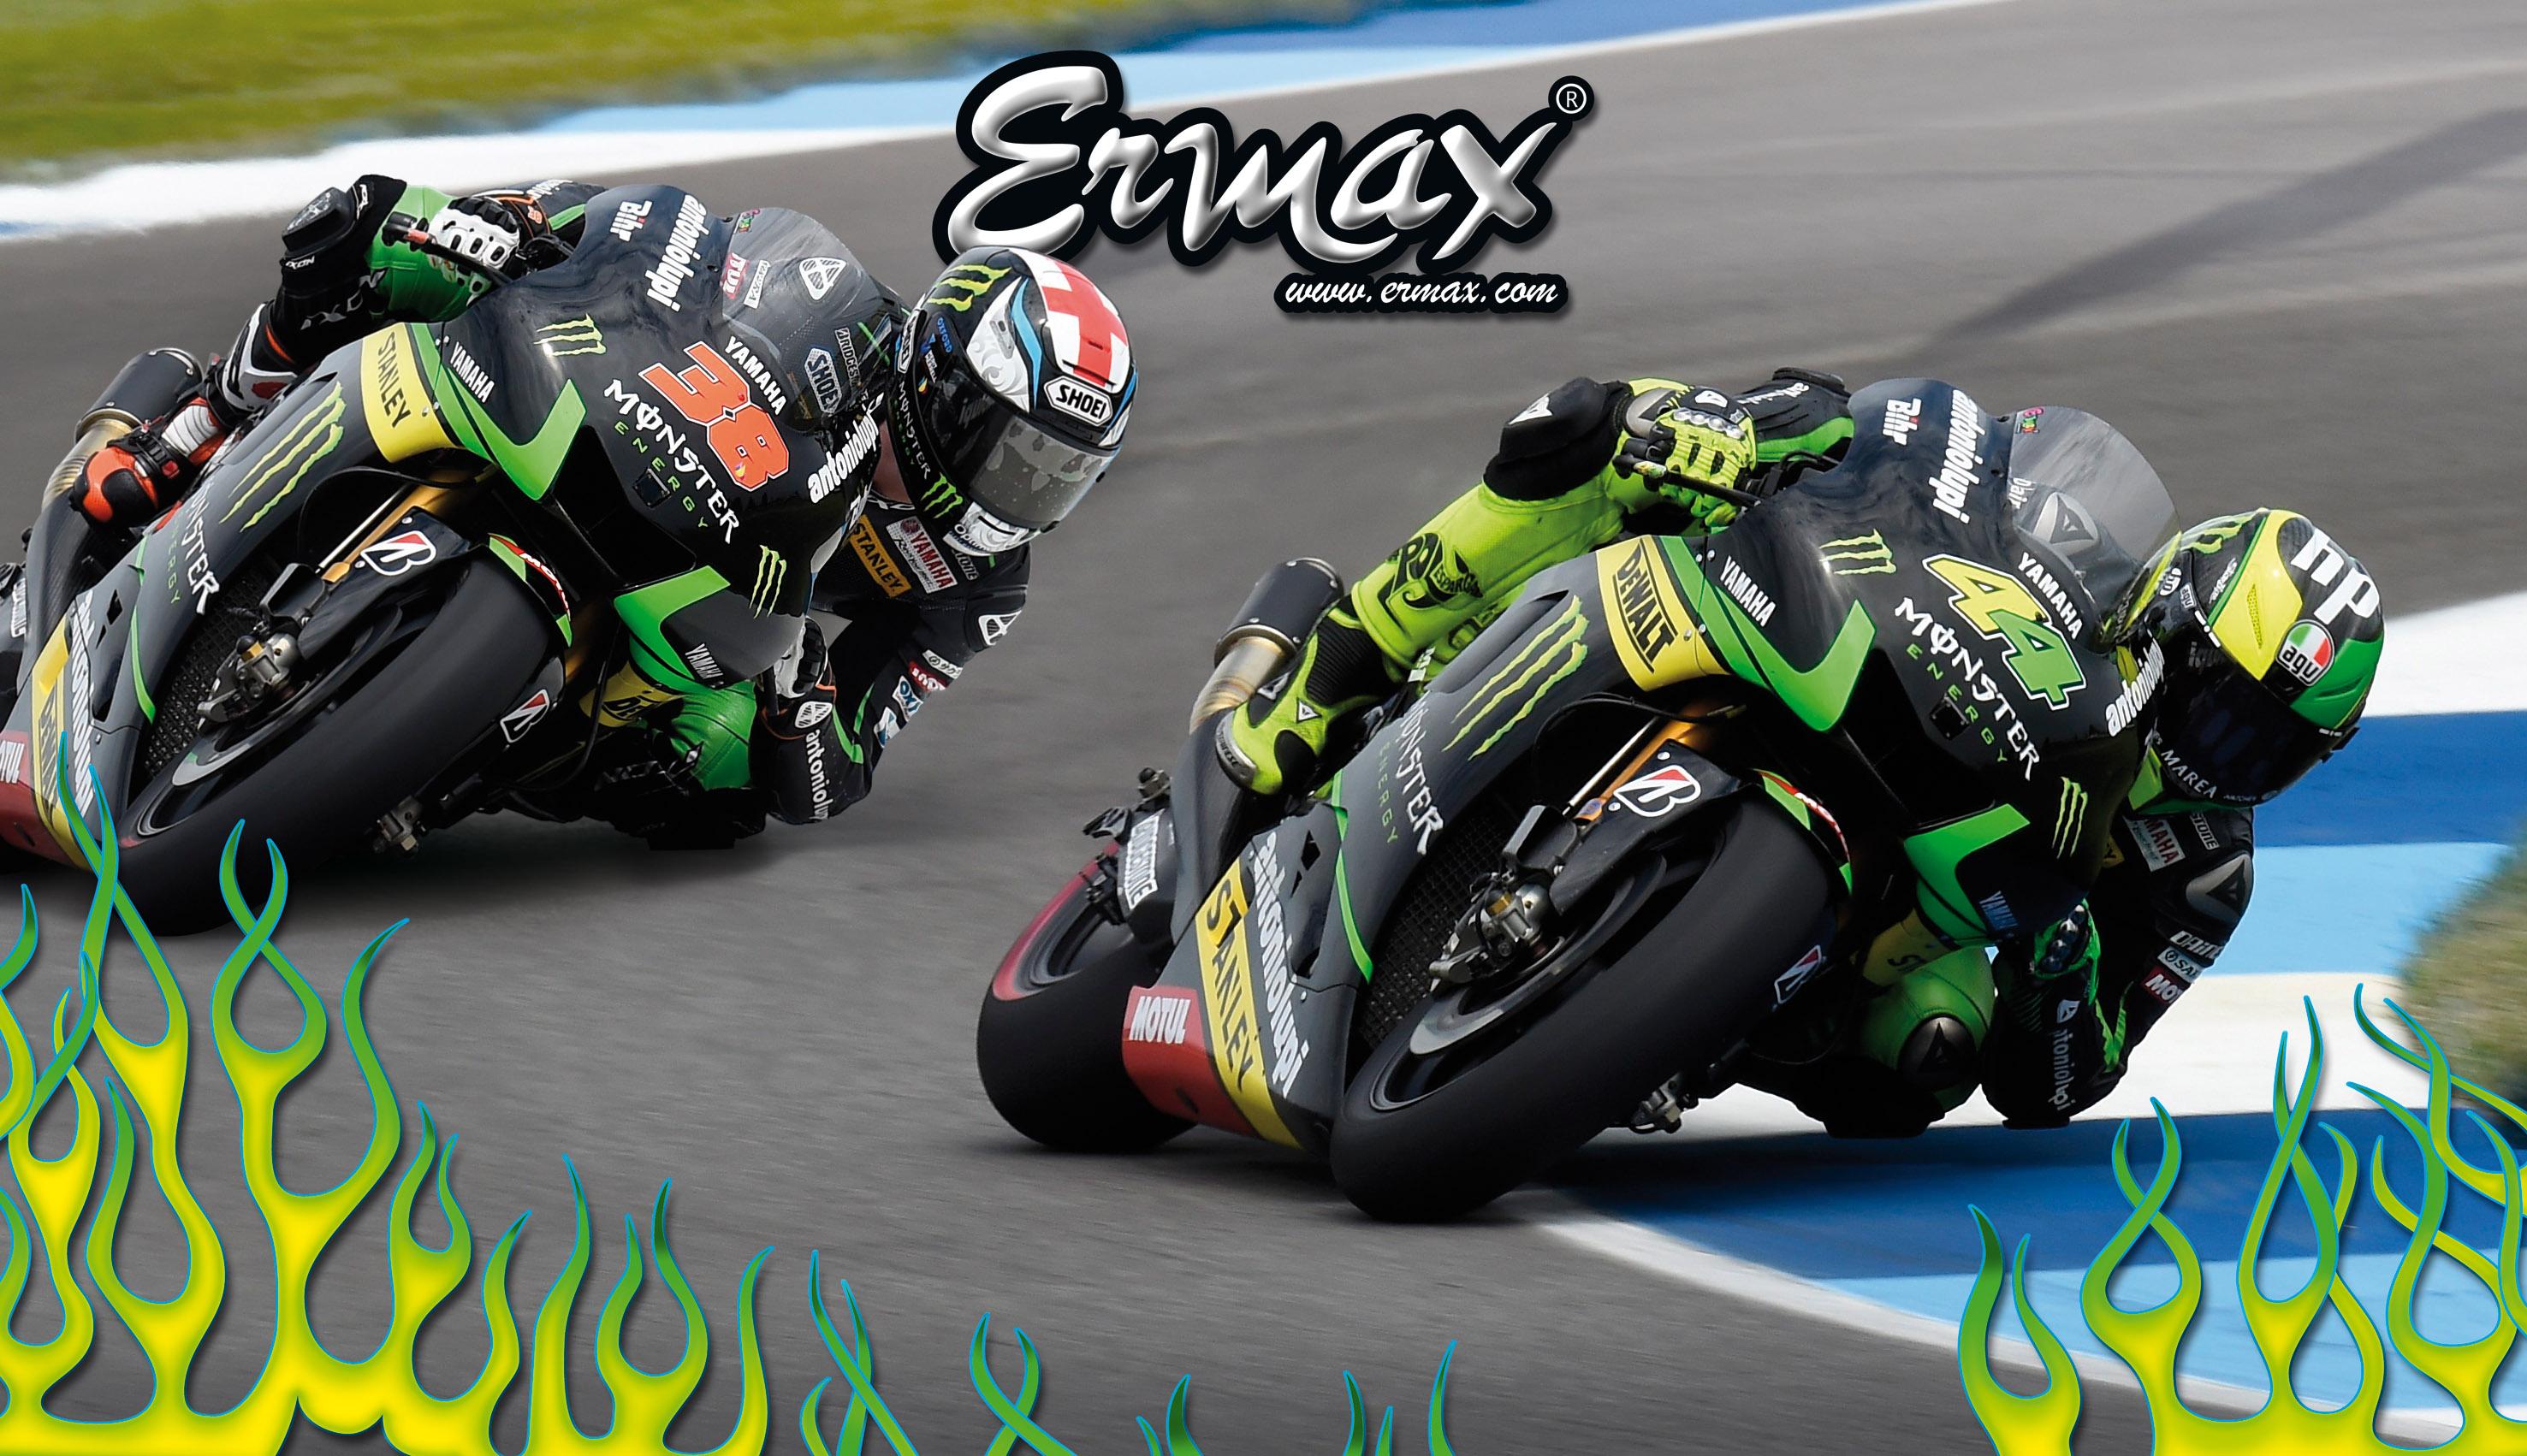 Team partenaire Ermax